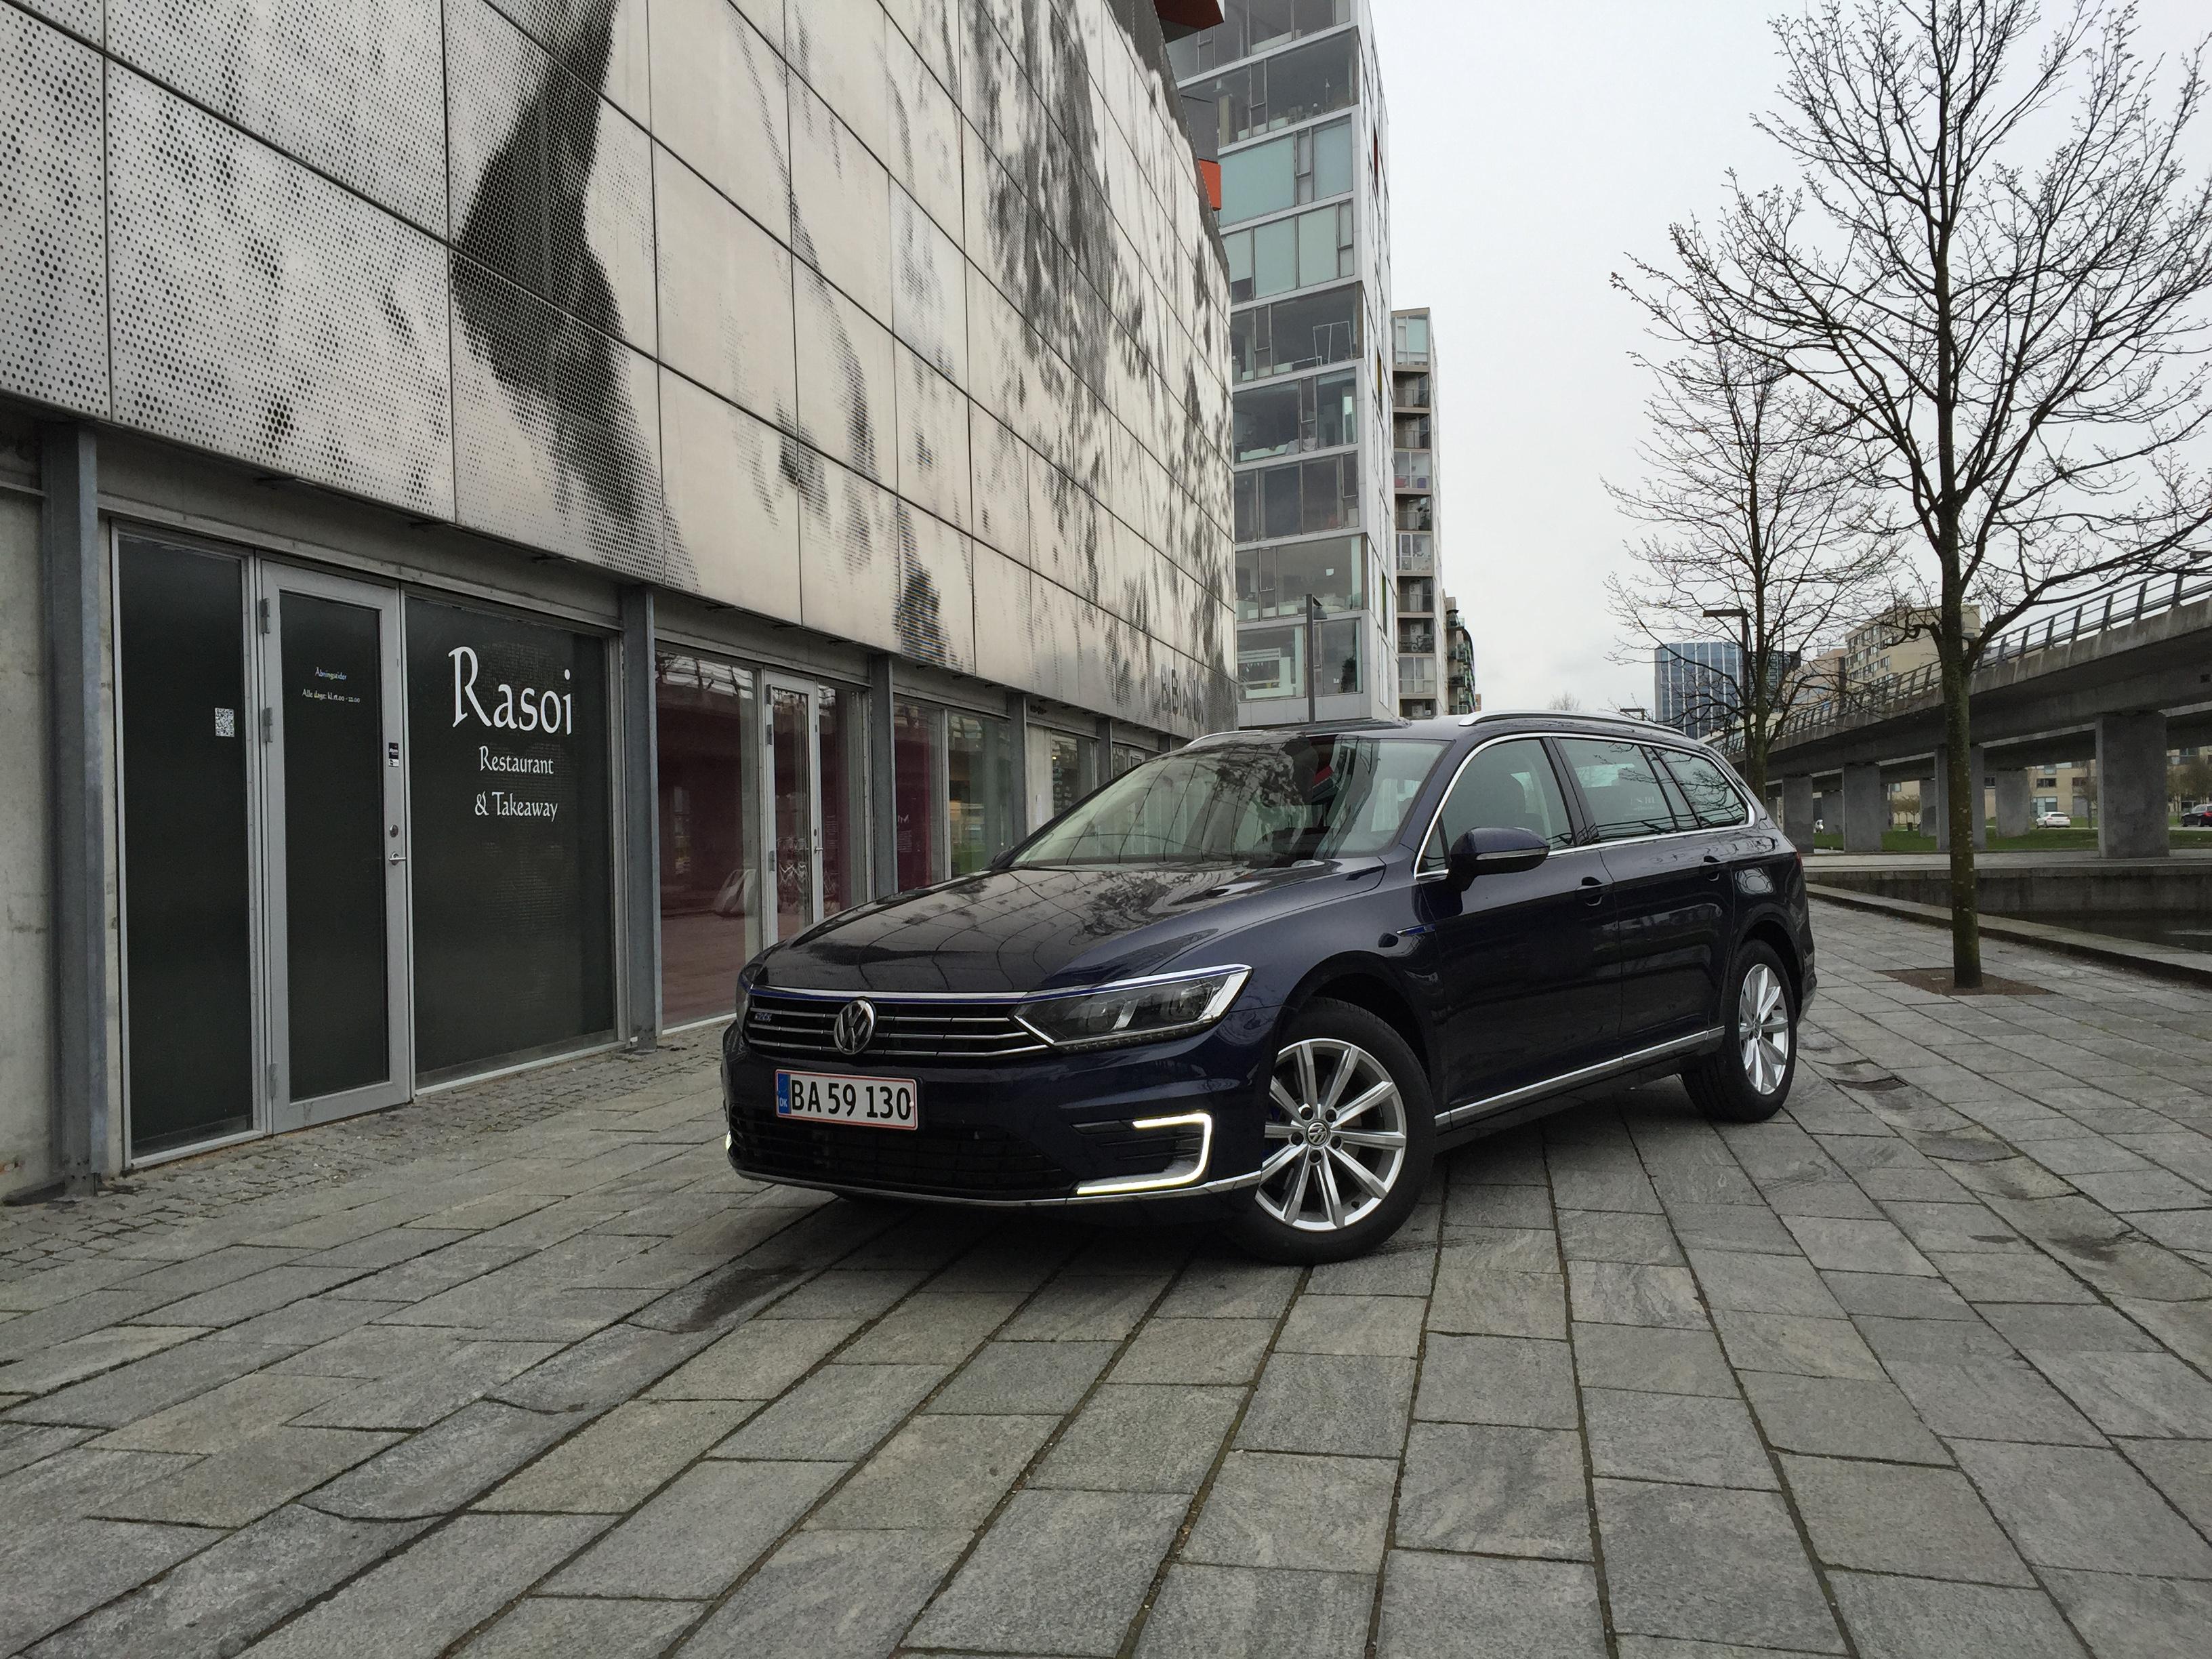 0d2ee10abc7 Volkswagen Passat GTE ligner en almindelig Åassat. Men det er en hybrid du  kan lade